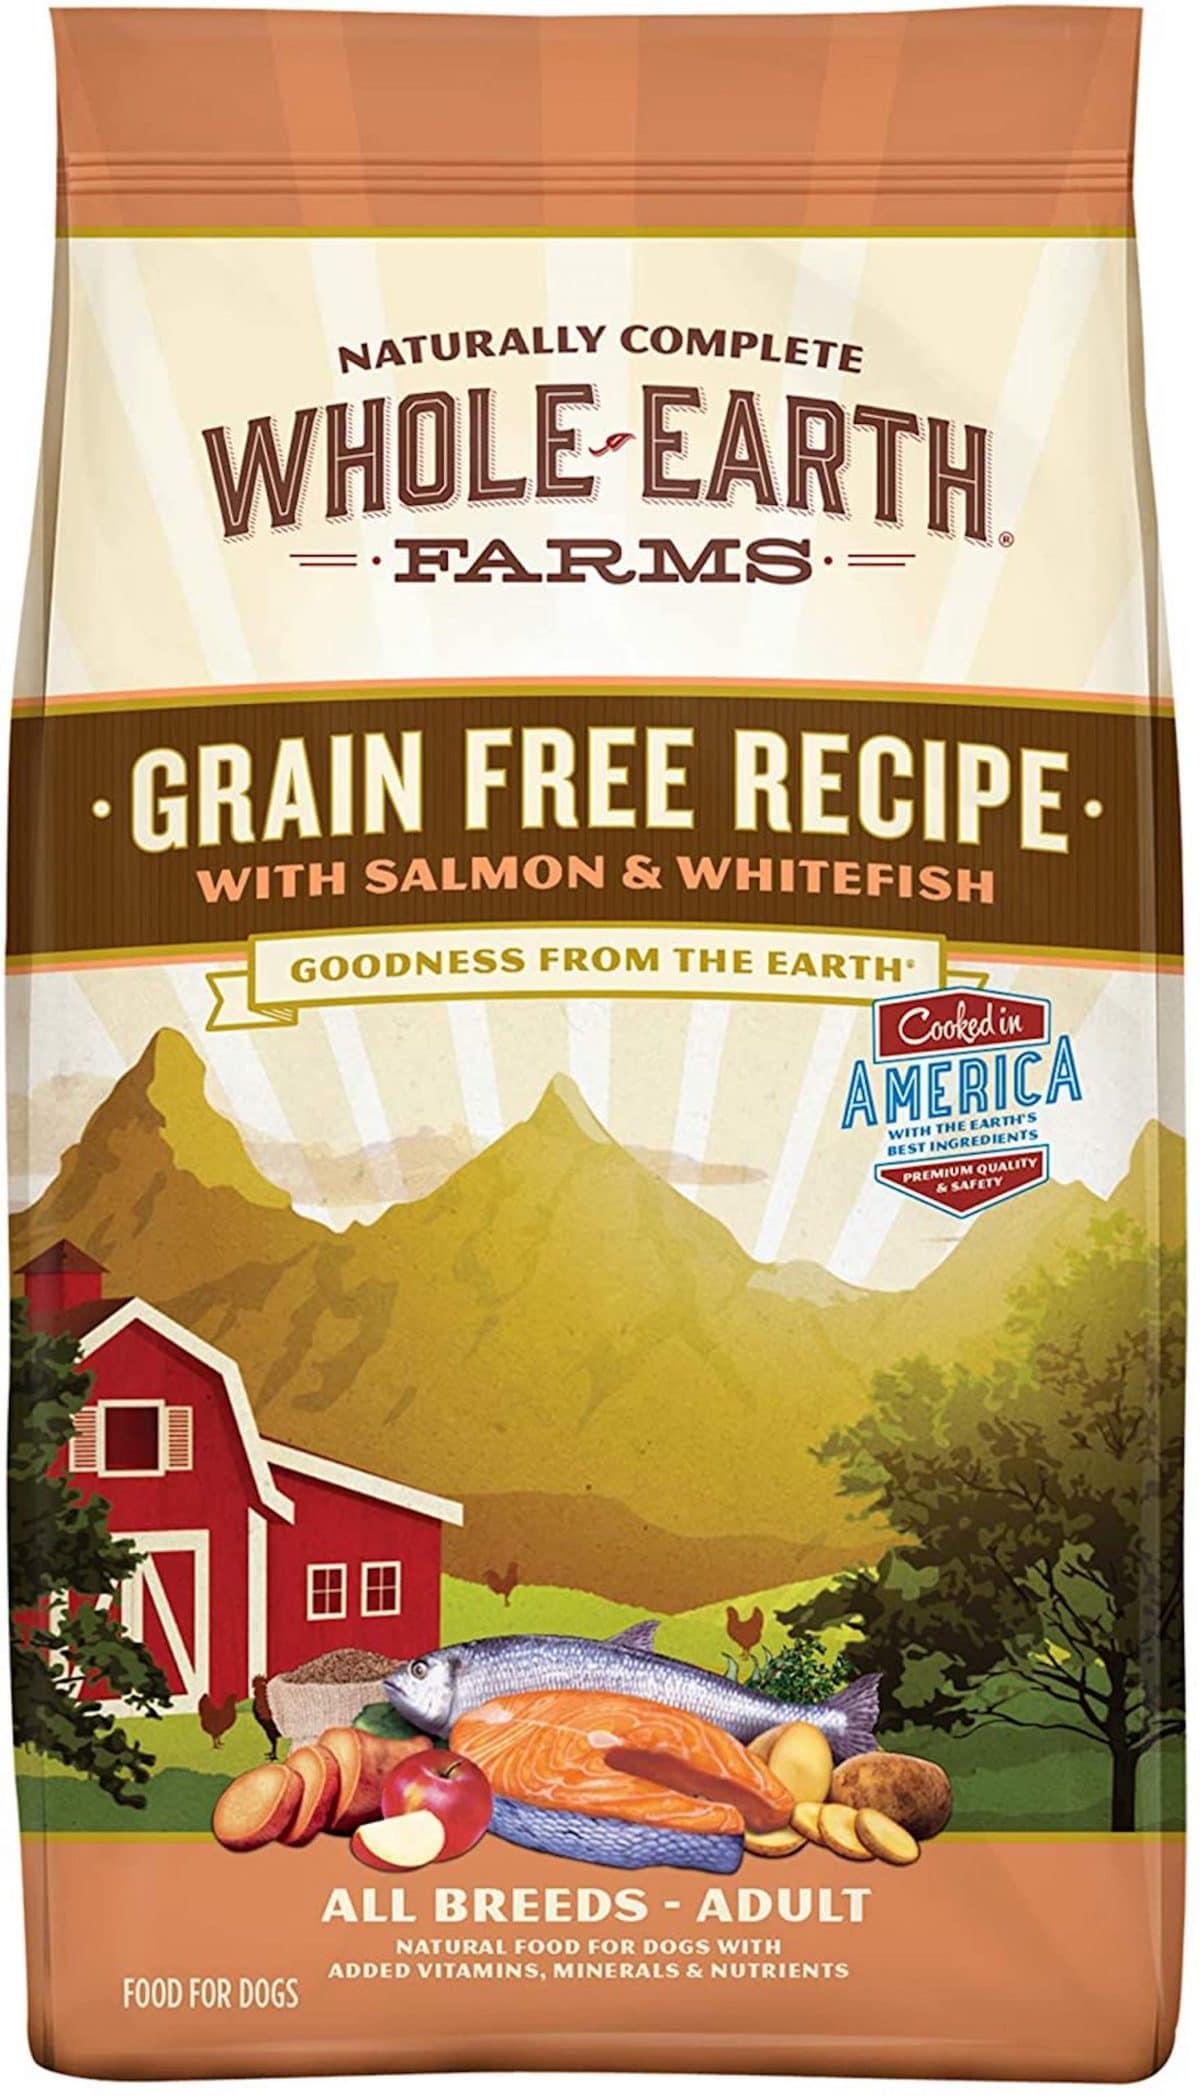 Whole Earth Farms Grain Free Recipe Dog Food